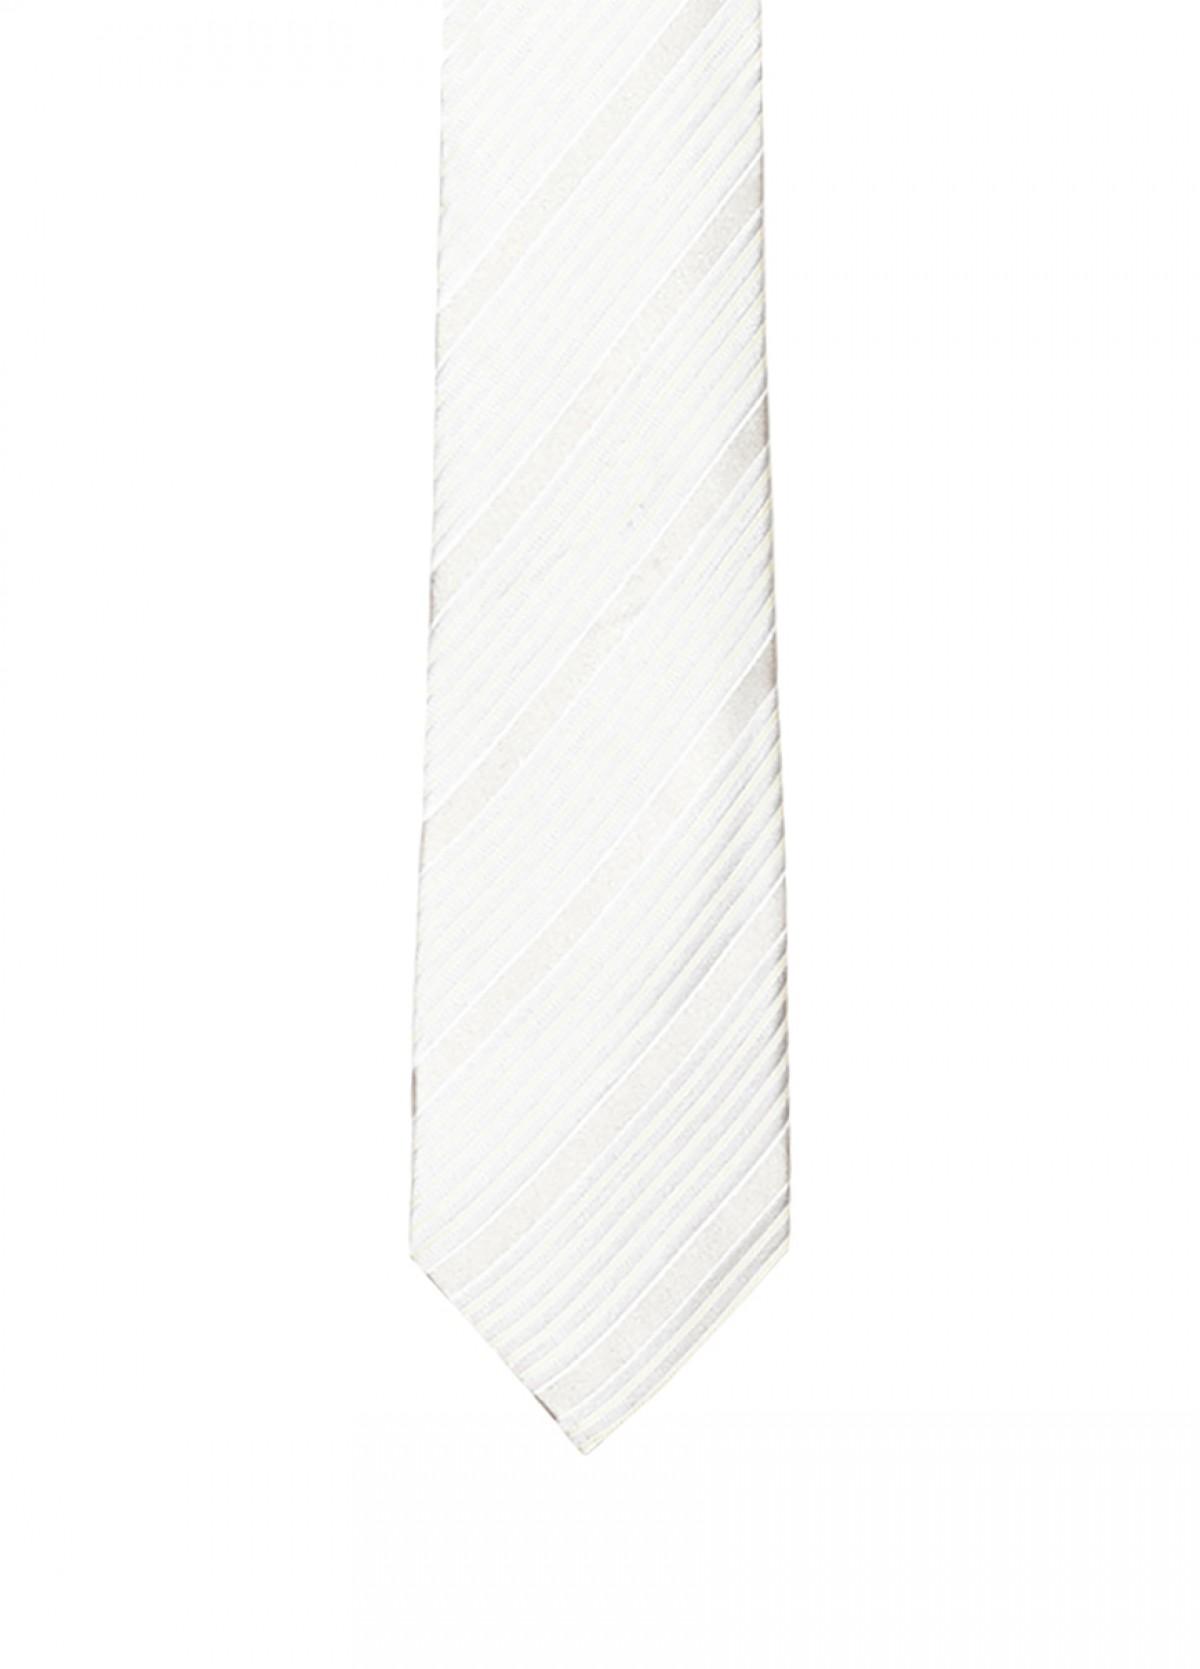 The Grey Silk Tie